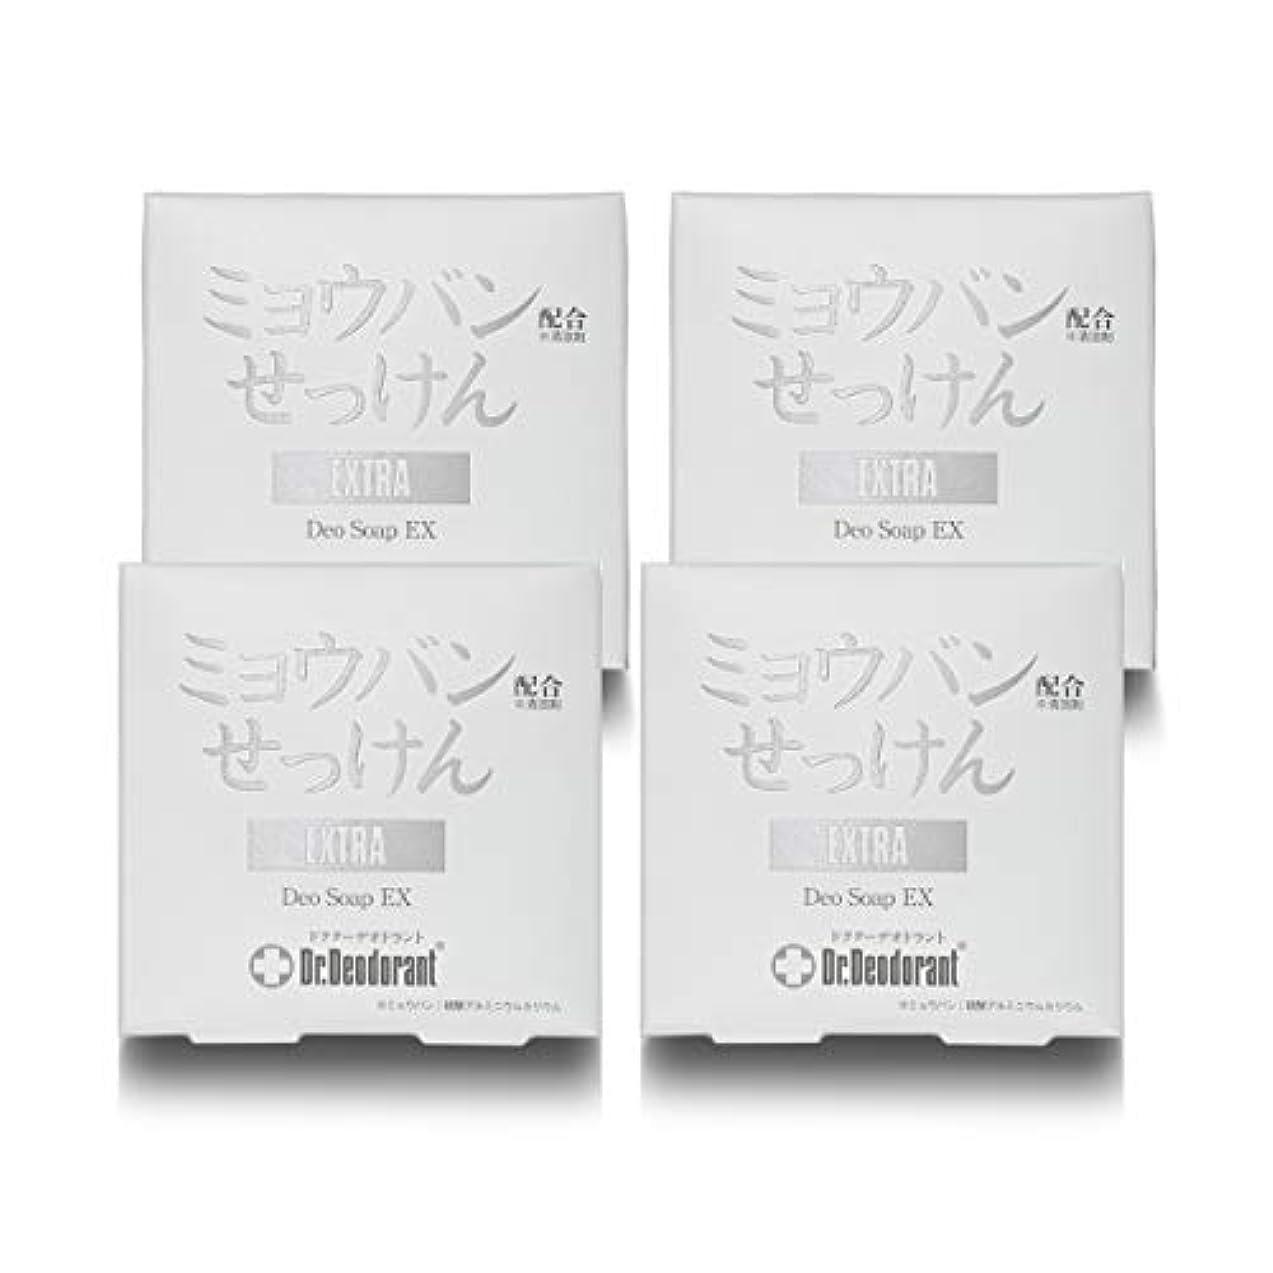 愛人ビジター最大化するドクターデオドラント 薬用ミョウバンせっけんEX (4個セット)